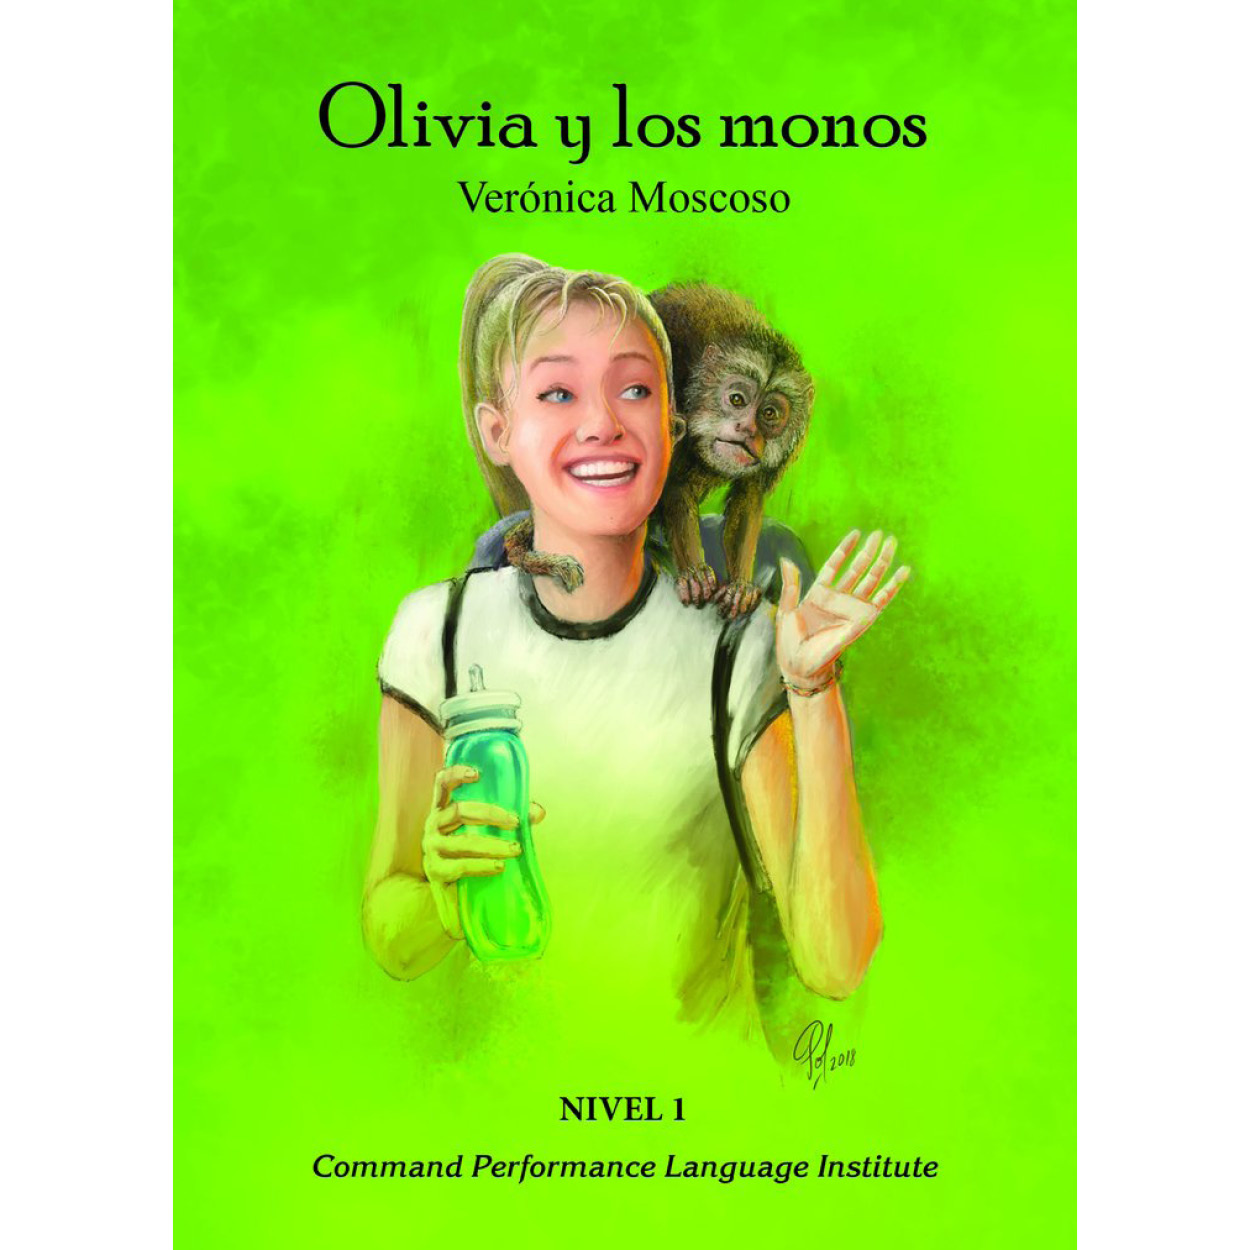 Olivia y los monos